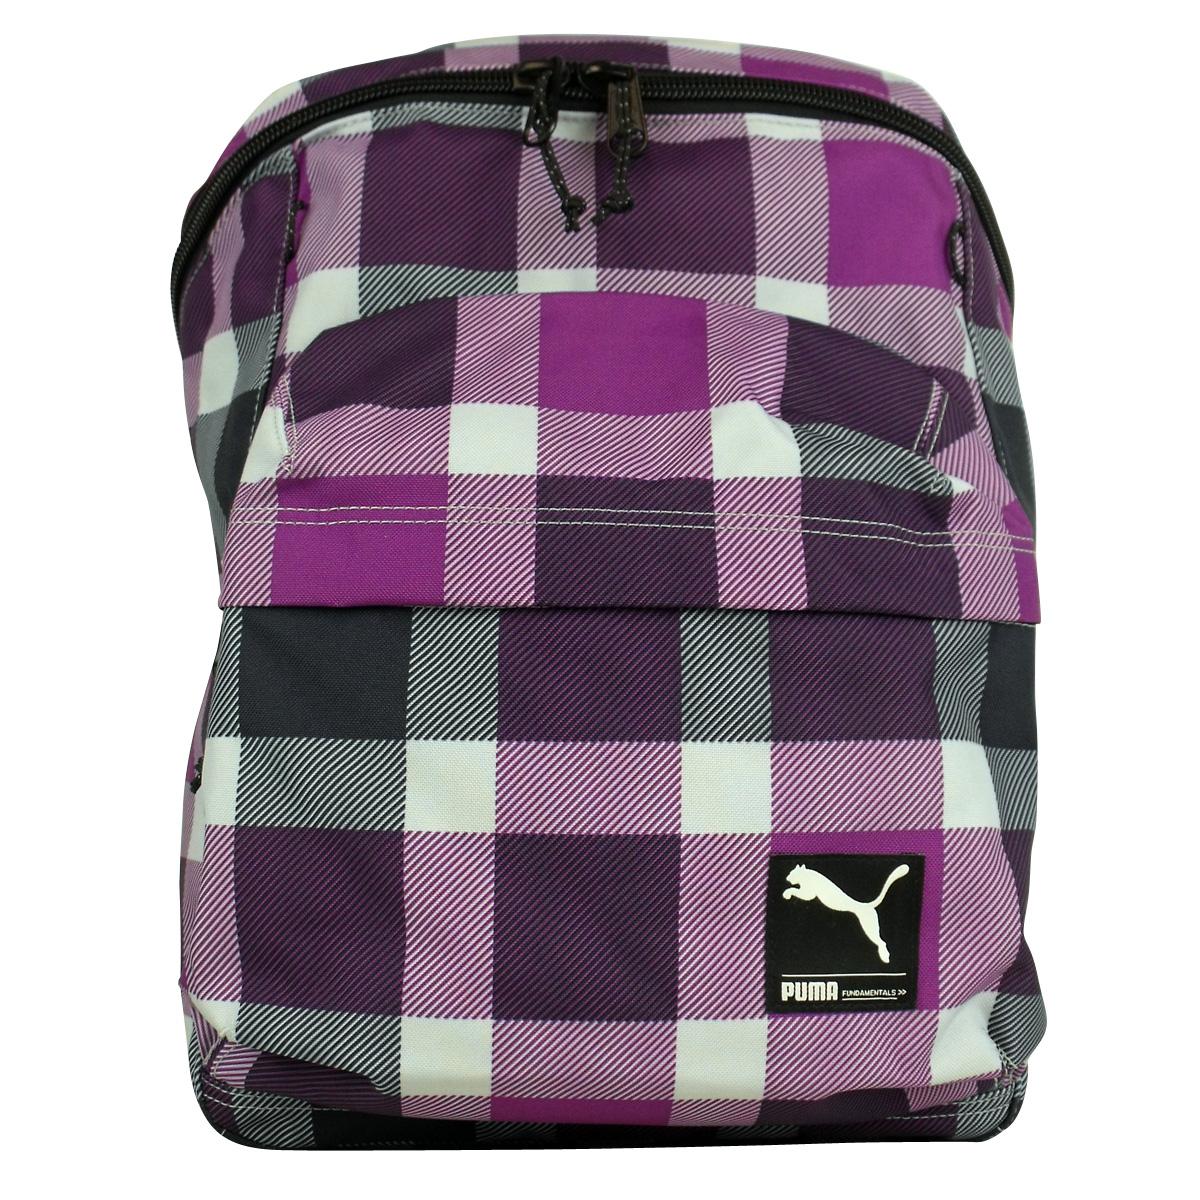 3efa3348c6 puma school bags Girls